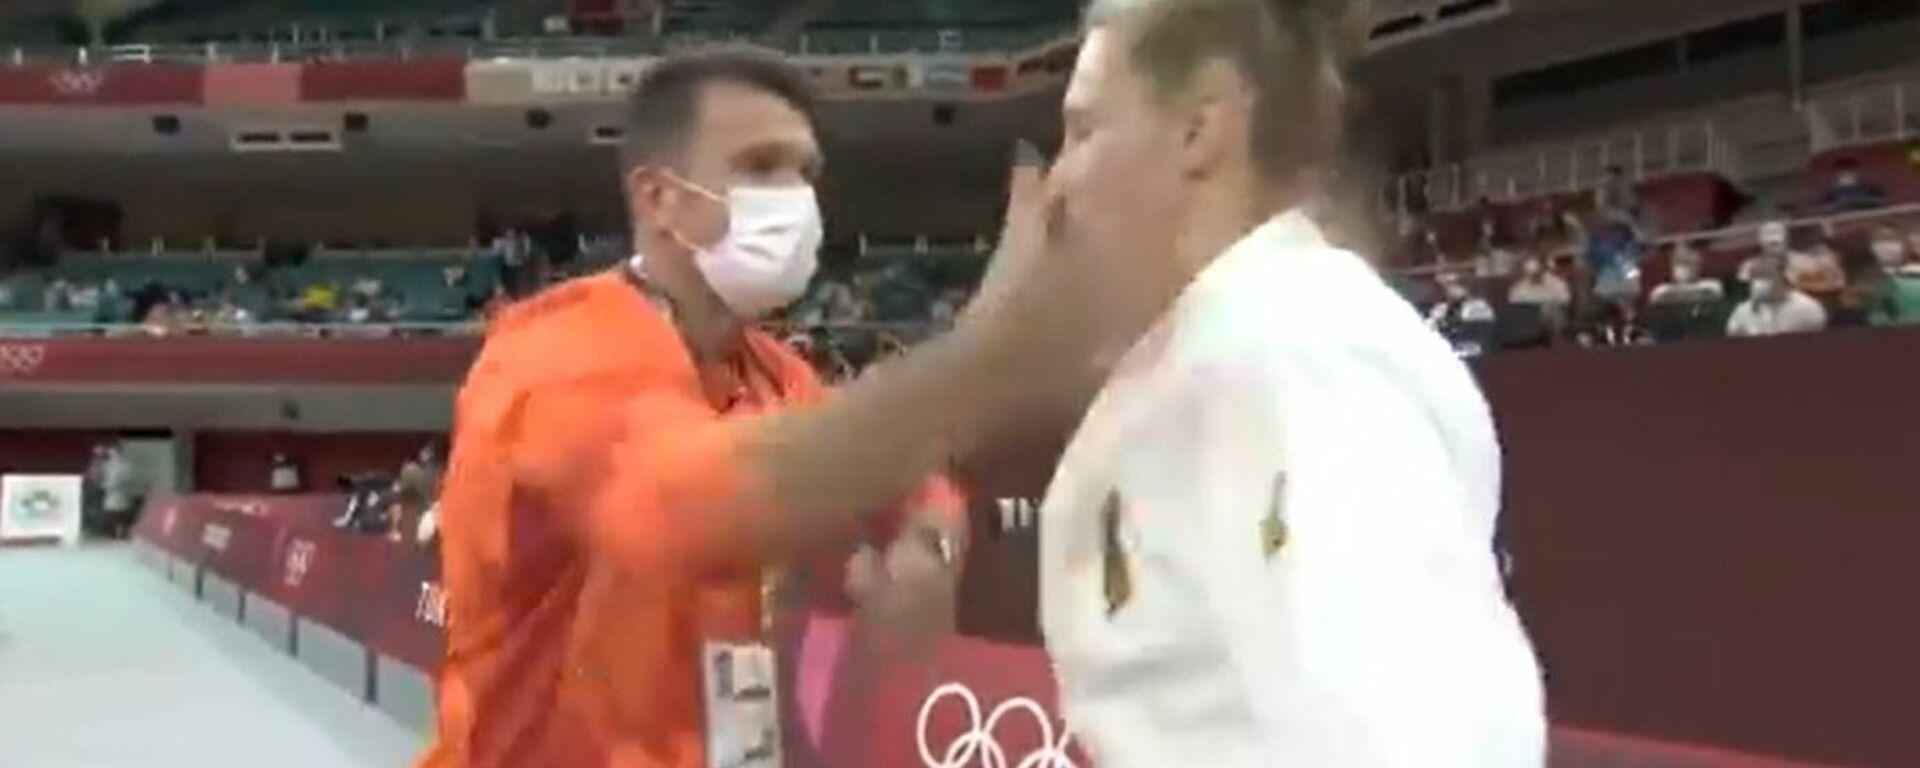 Προπονητής τζούντο χαστουκίζει αθλήτρια - Sputnik Ελλάδα, 1920, 27.07.2021